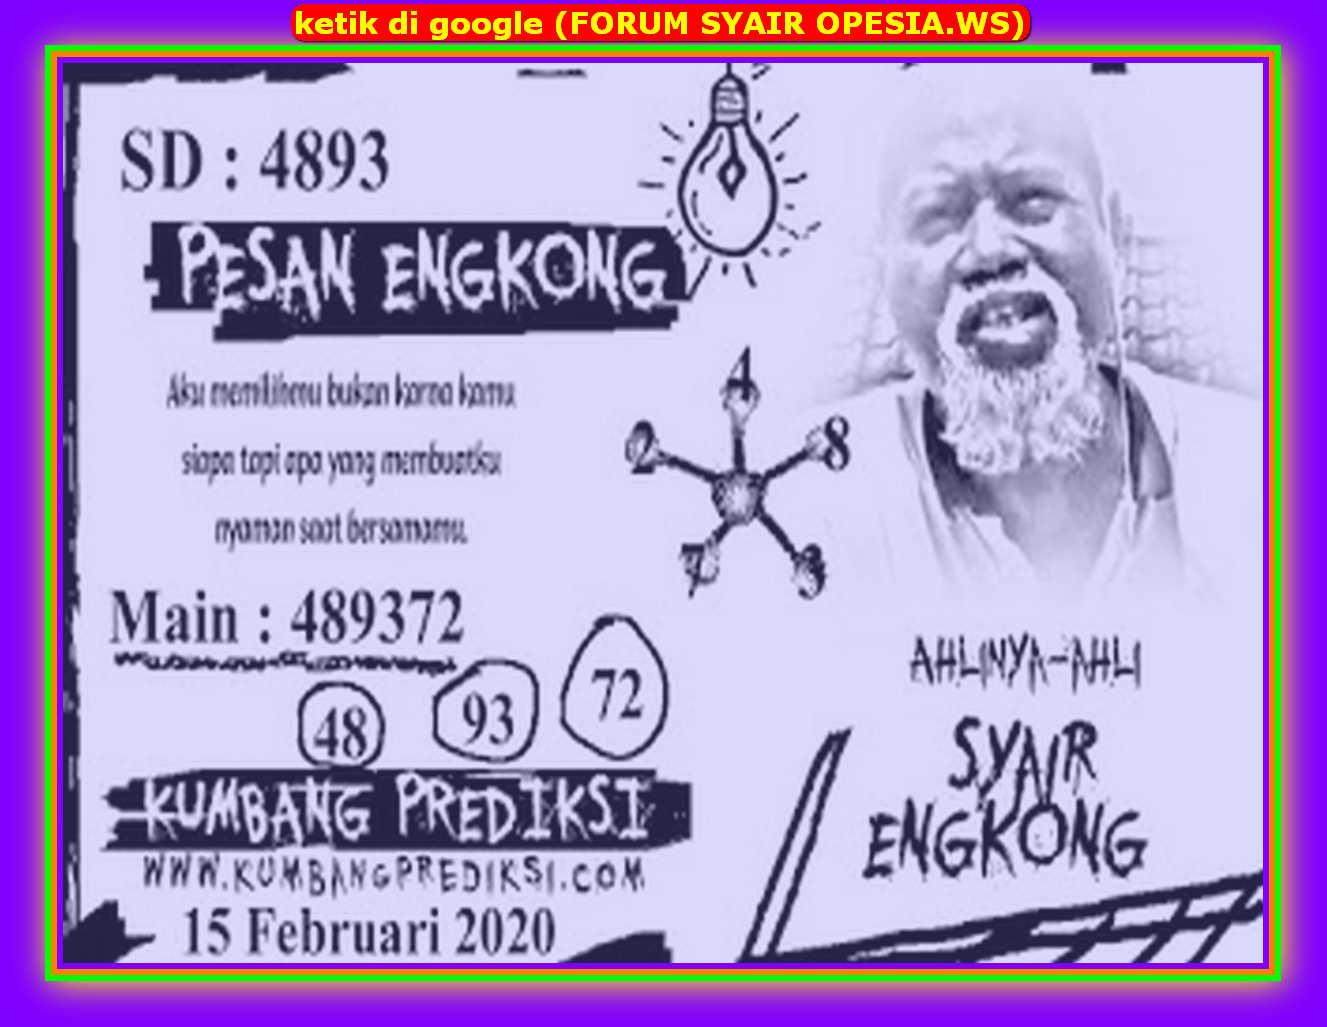 Kode syair Sydney Sabtu 15 Februari 2020 56